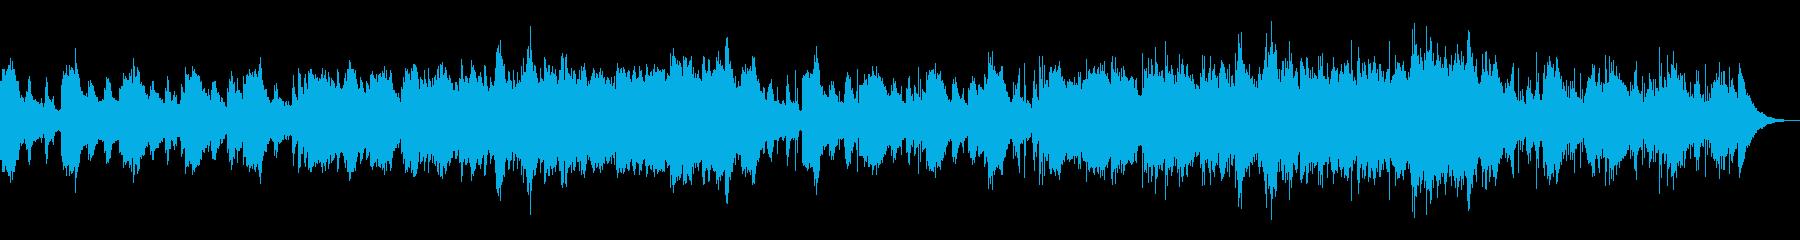 キラキラしたシンセサイザーと優しいピアノの再生済みの波形